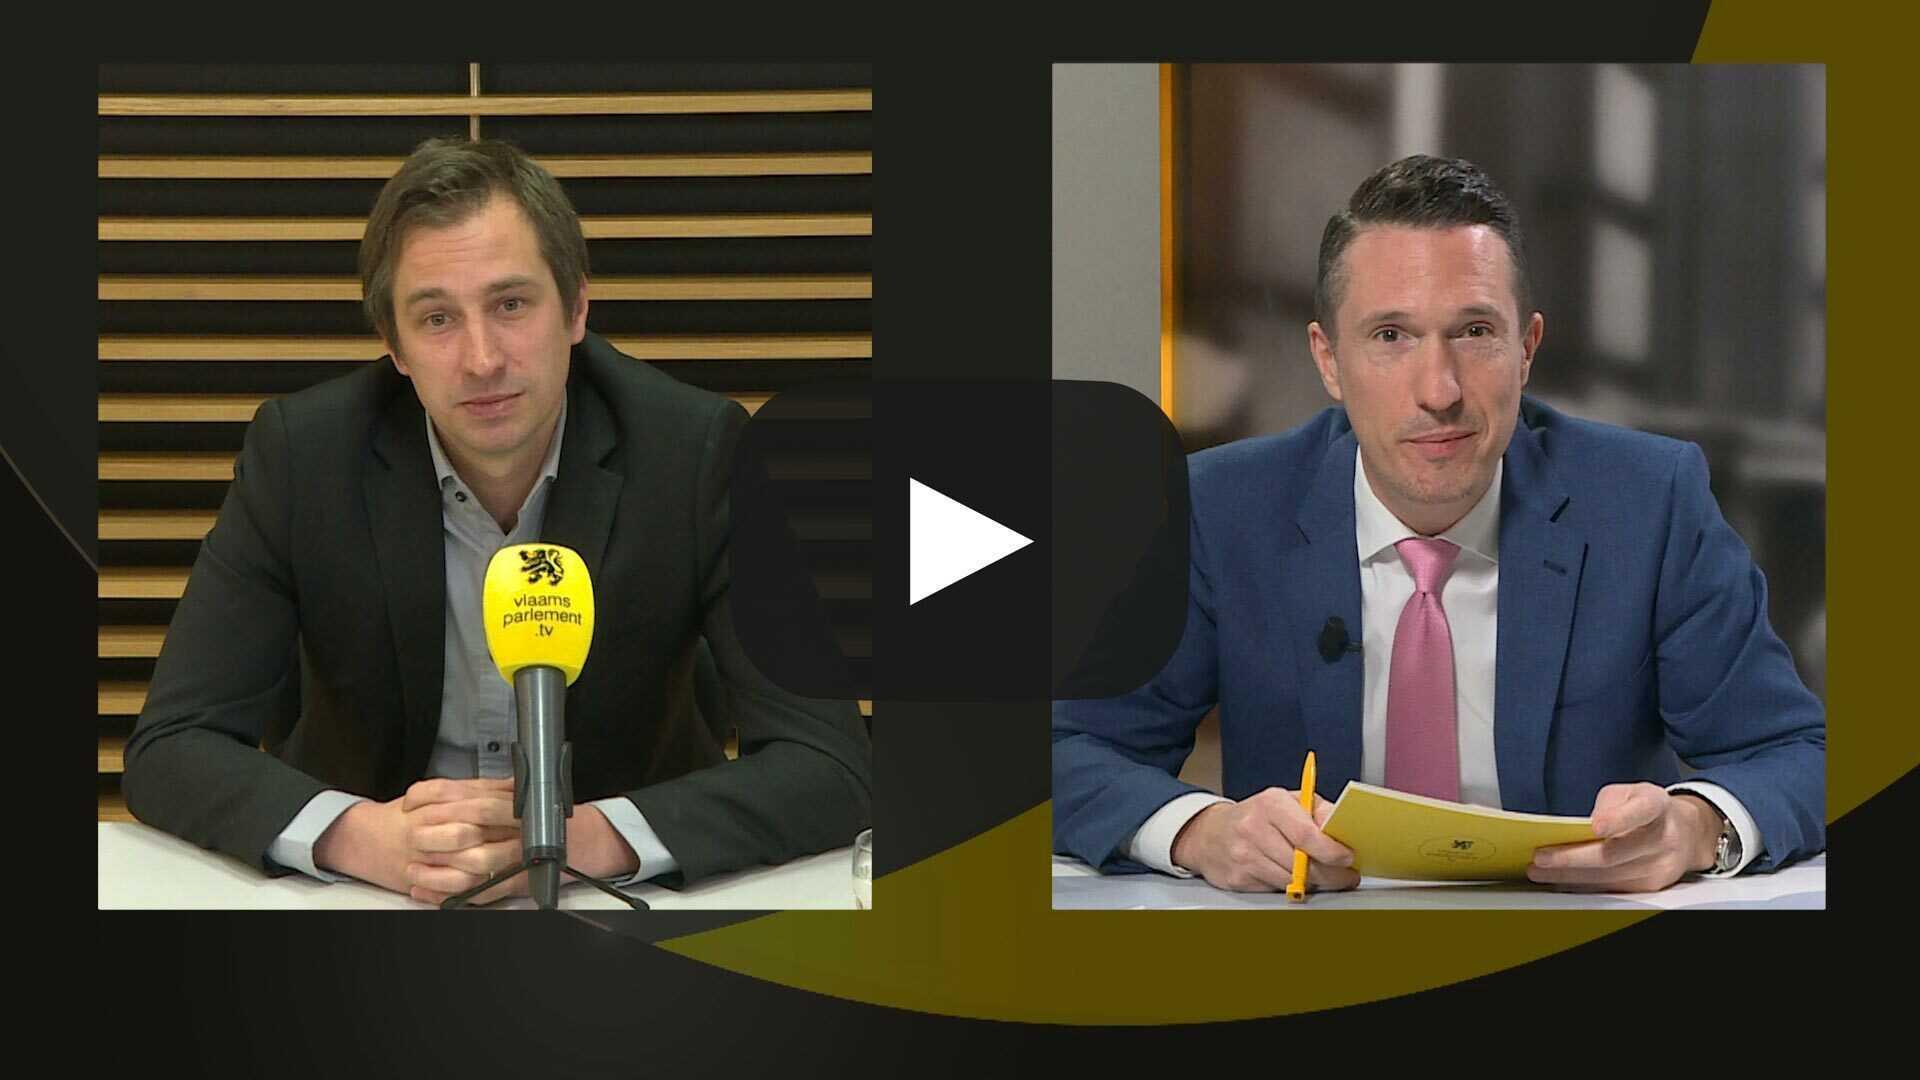 Vlaams Vredesinstituut